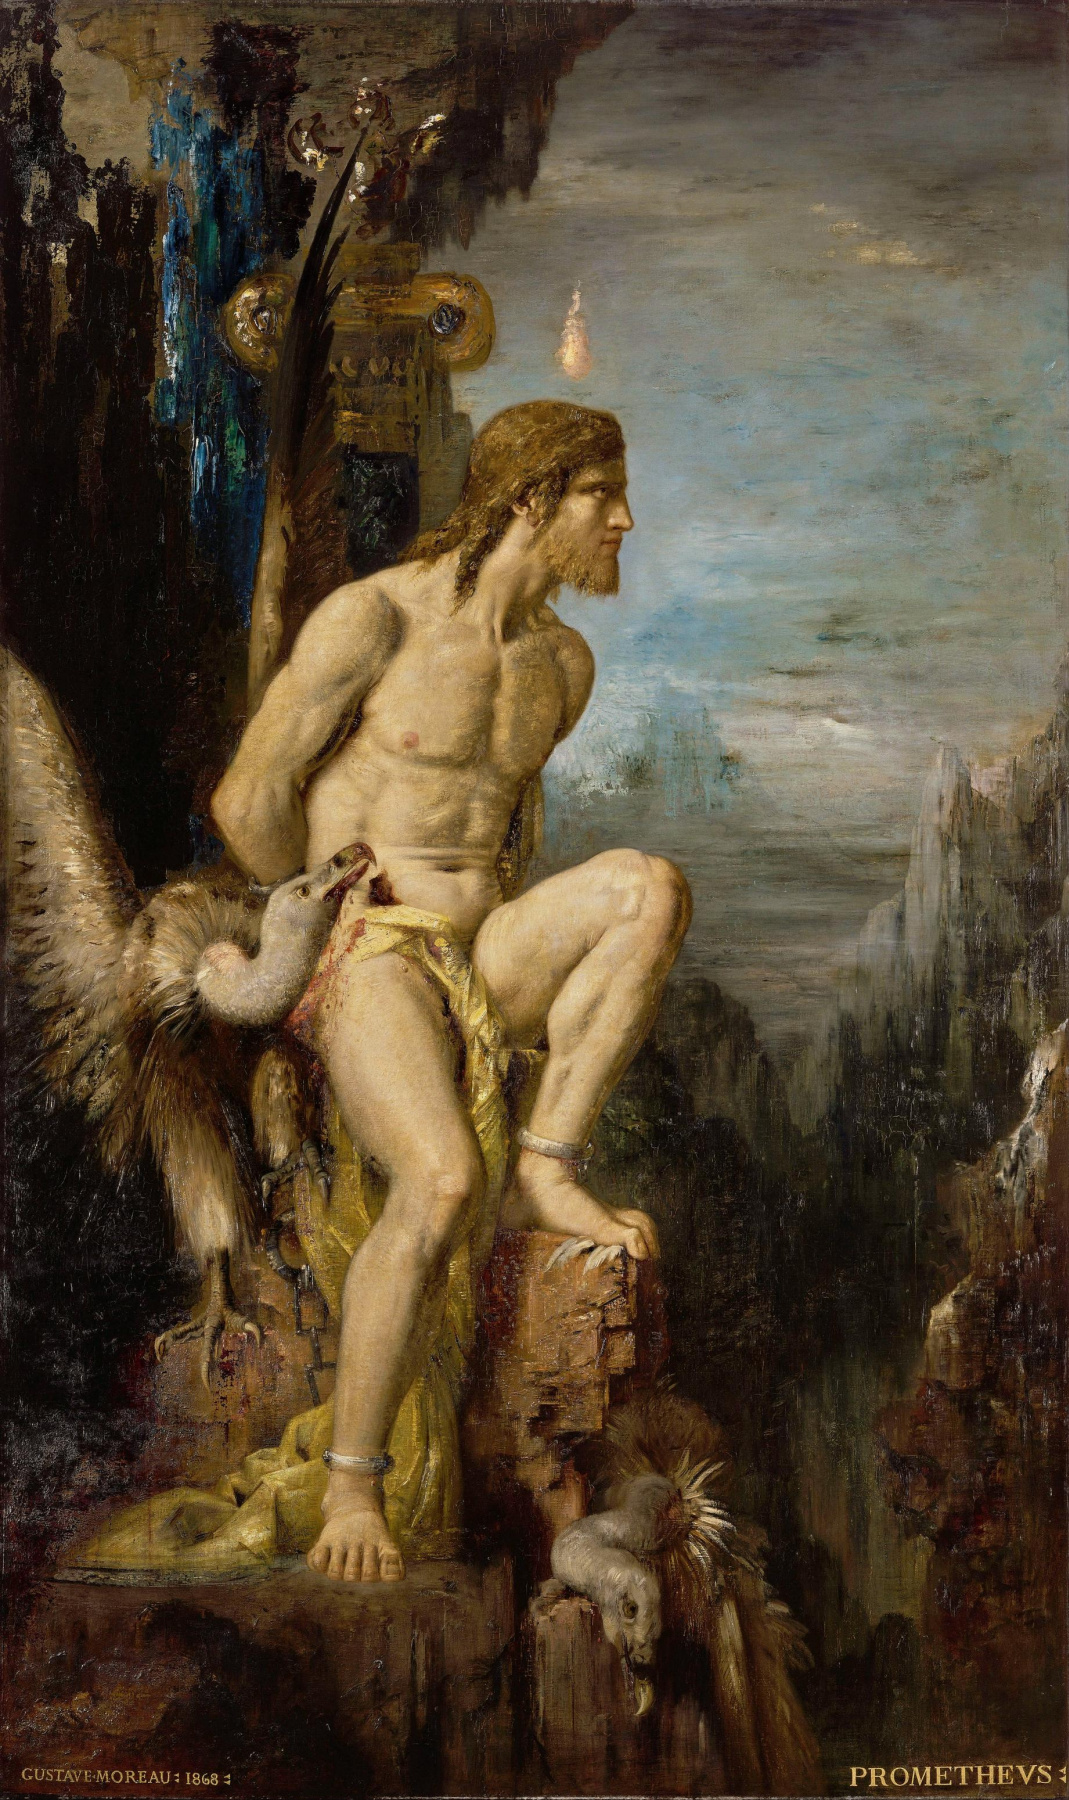 Gustave Moreau. Prometheus